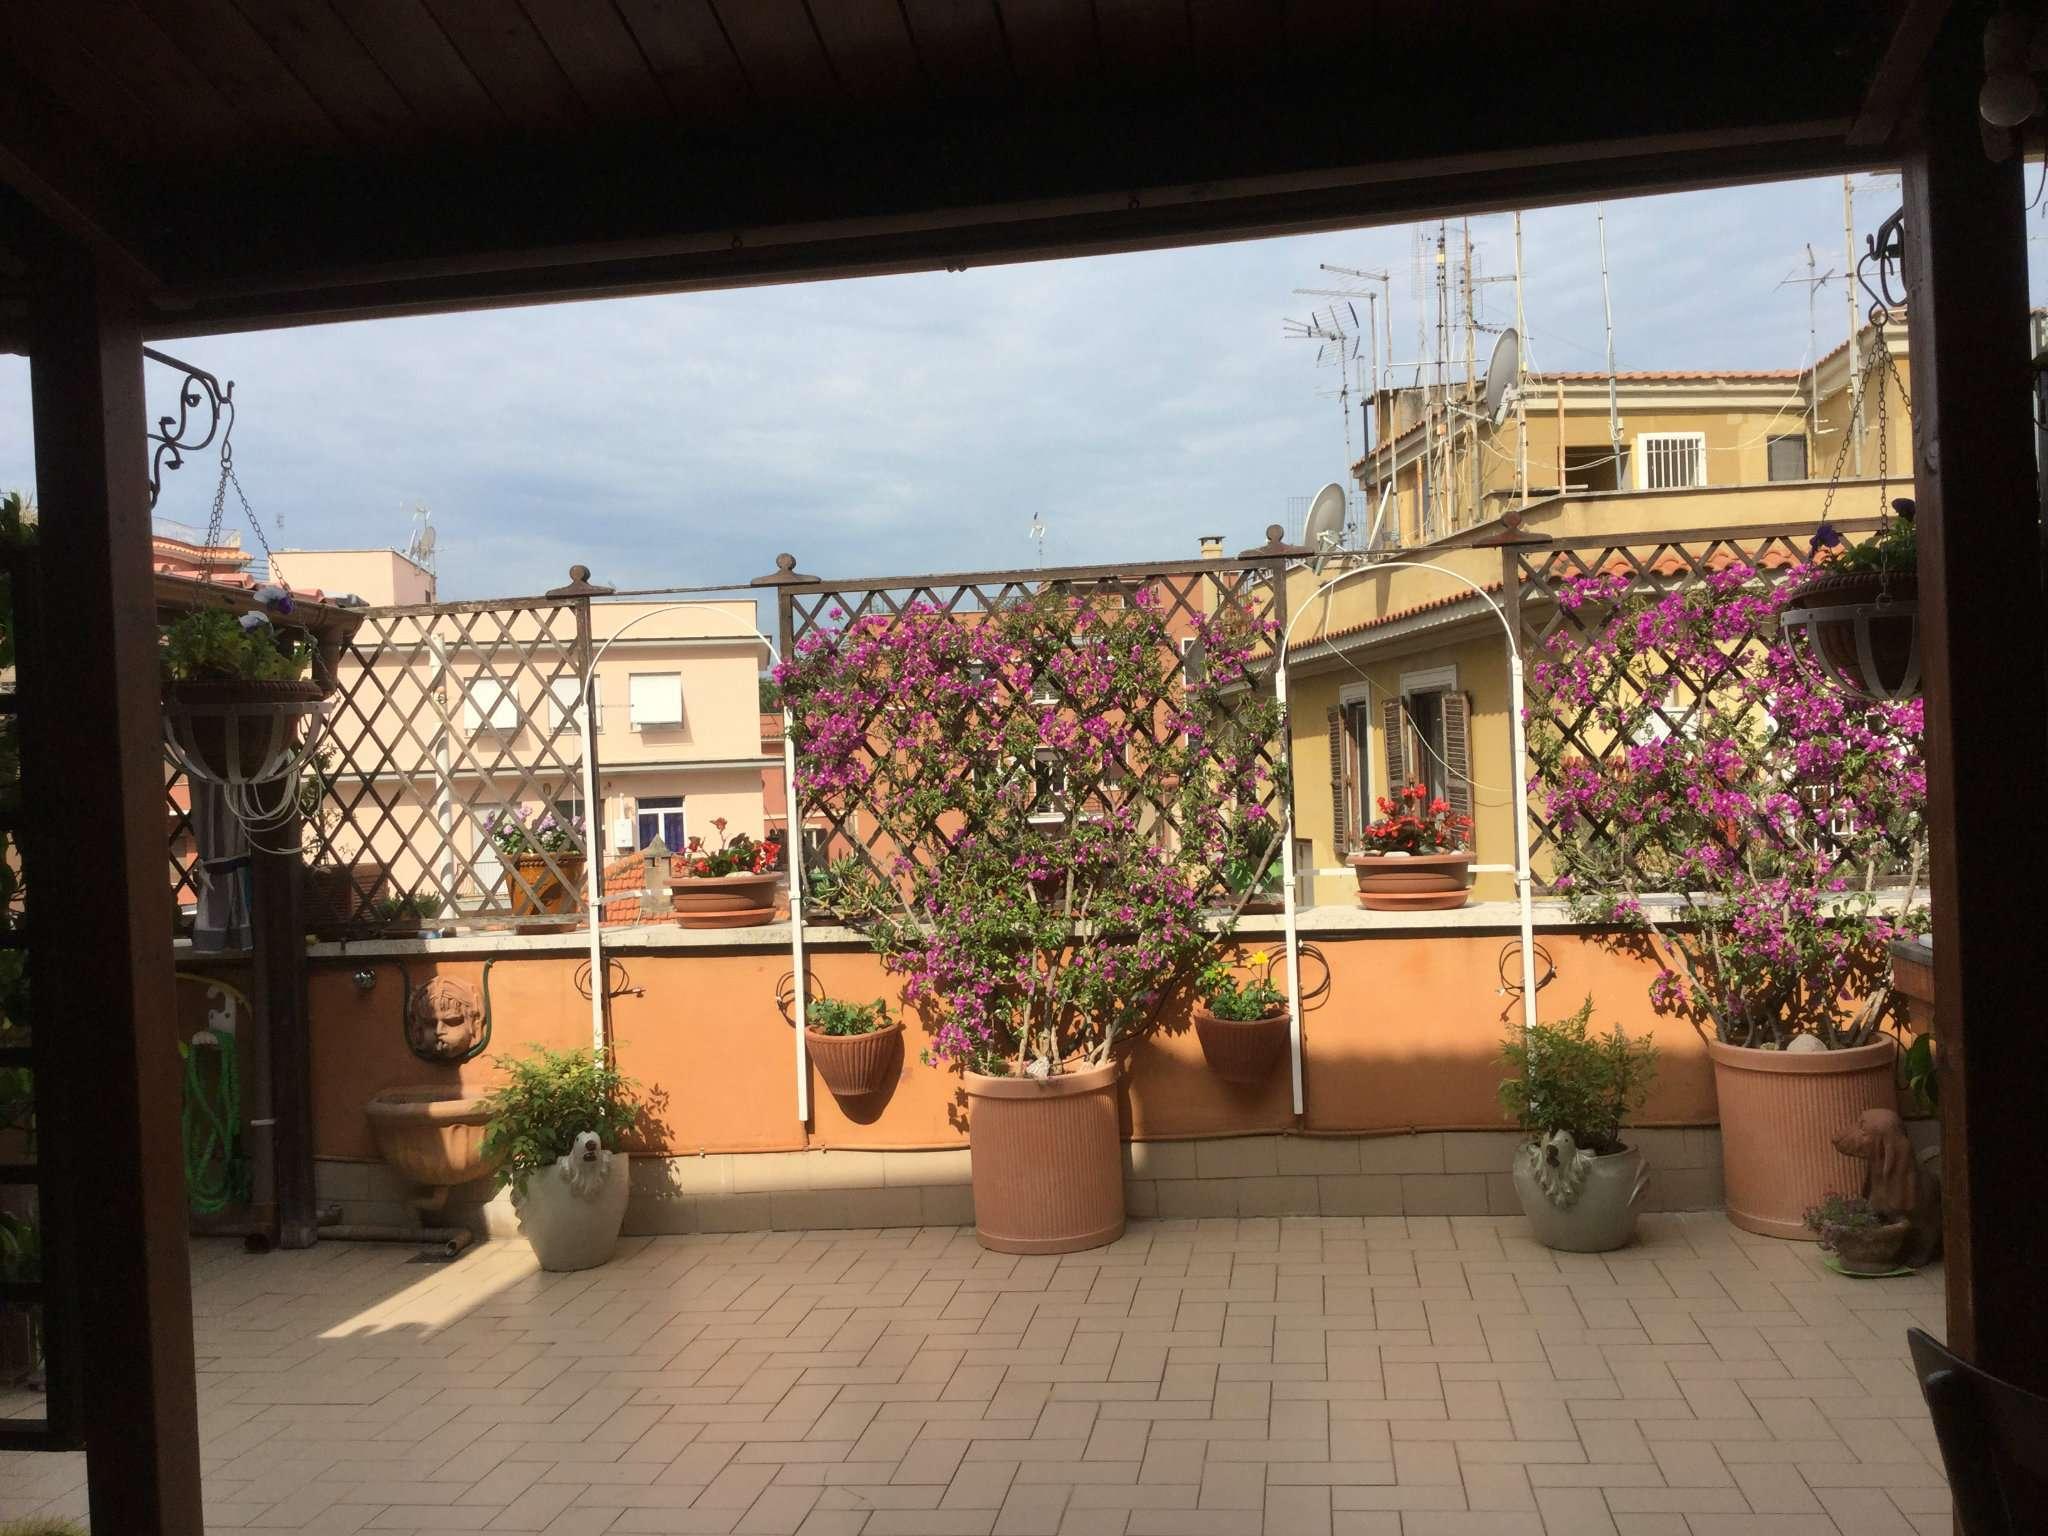 Trilocale in affitto a Roma in Via Pietro Cartoni